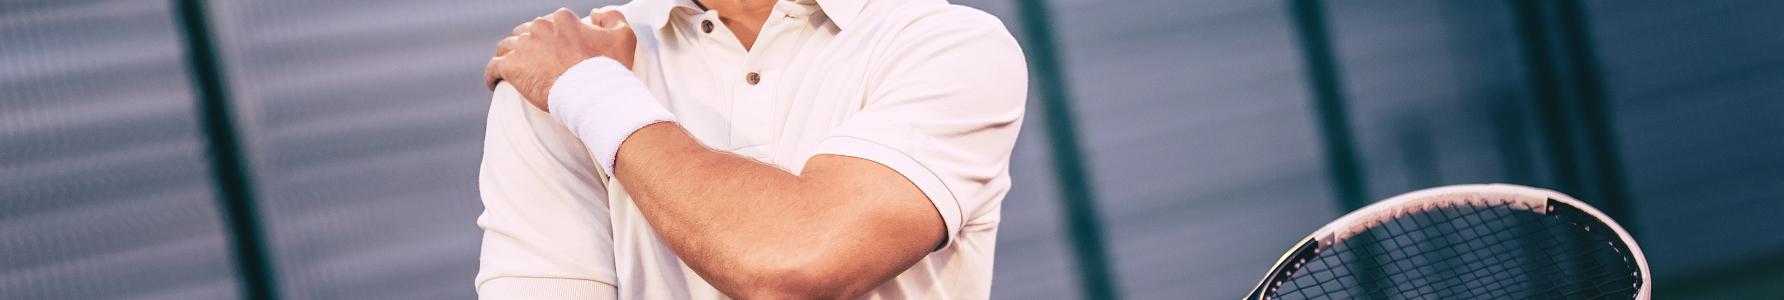 Uszkodzony stożek rotatorów - tenisista trzymający się za bolący bark.